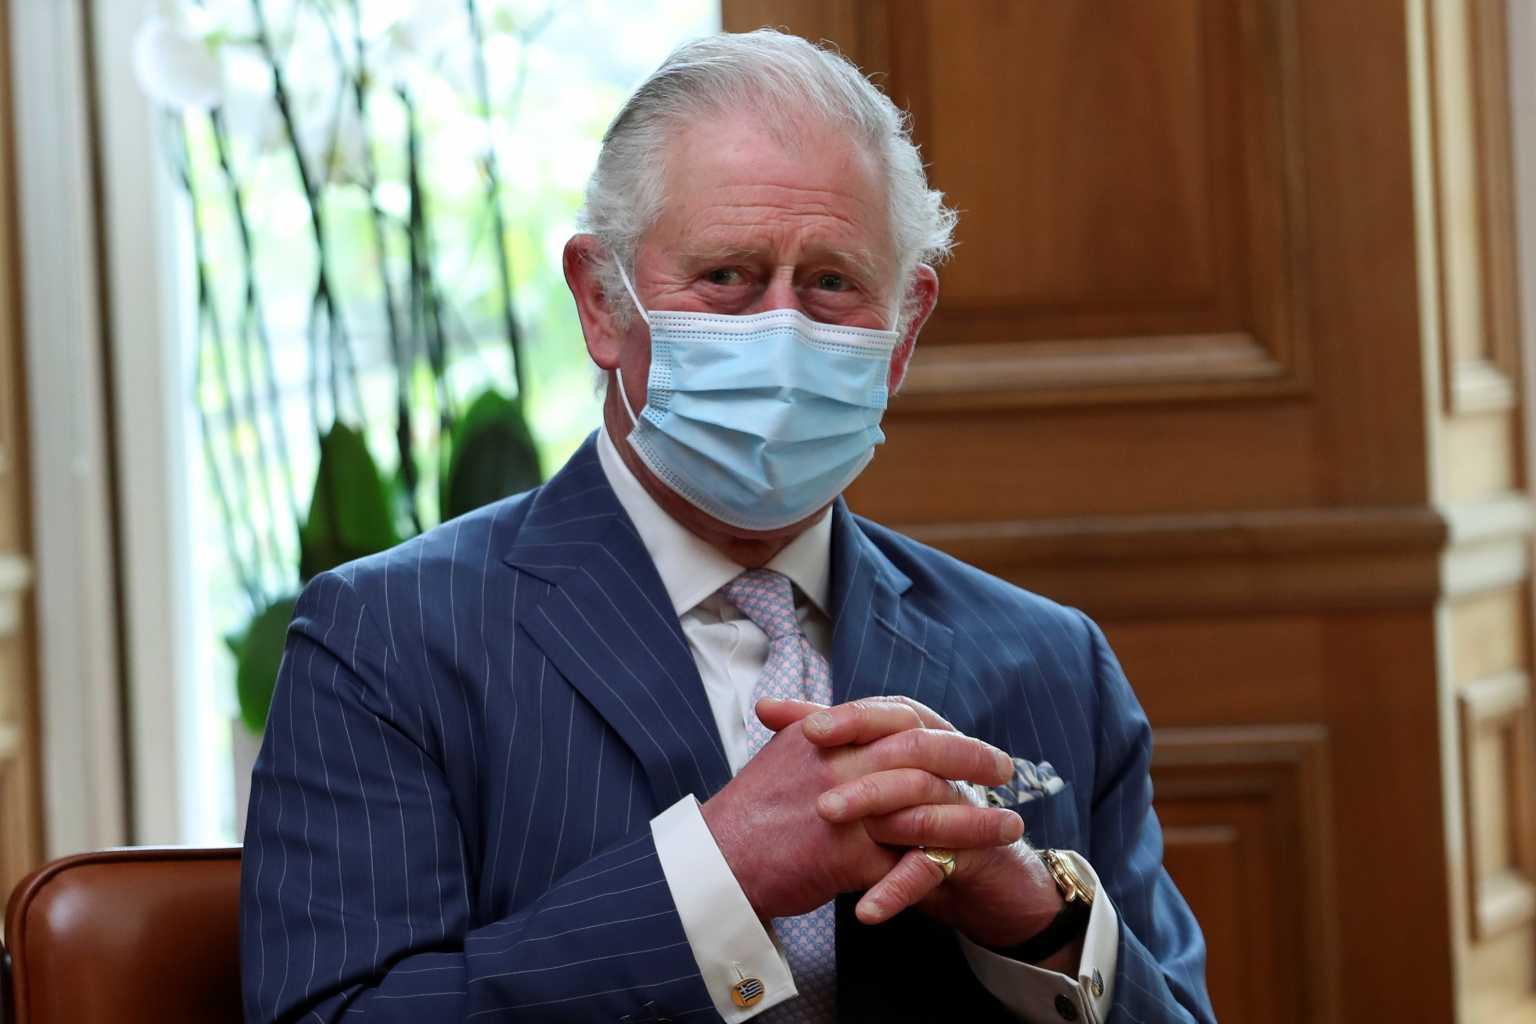 Πρίγκιπας Κάρολος για τις φωτιές στην Ελλάδα: Είναι σπαρακτικό να βλέπεις τις πυρκαγιές να «χτυπούν» τη χώρα